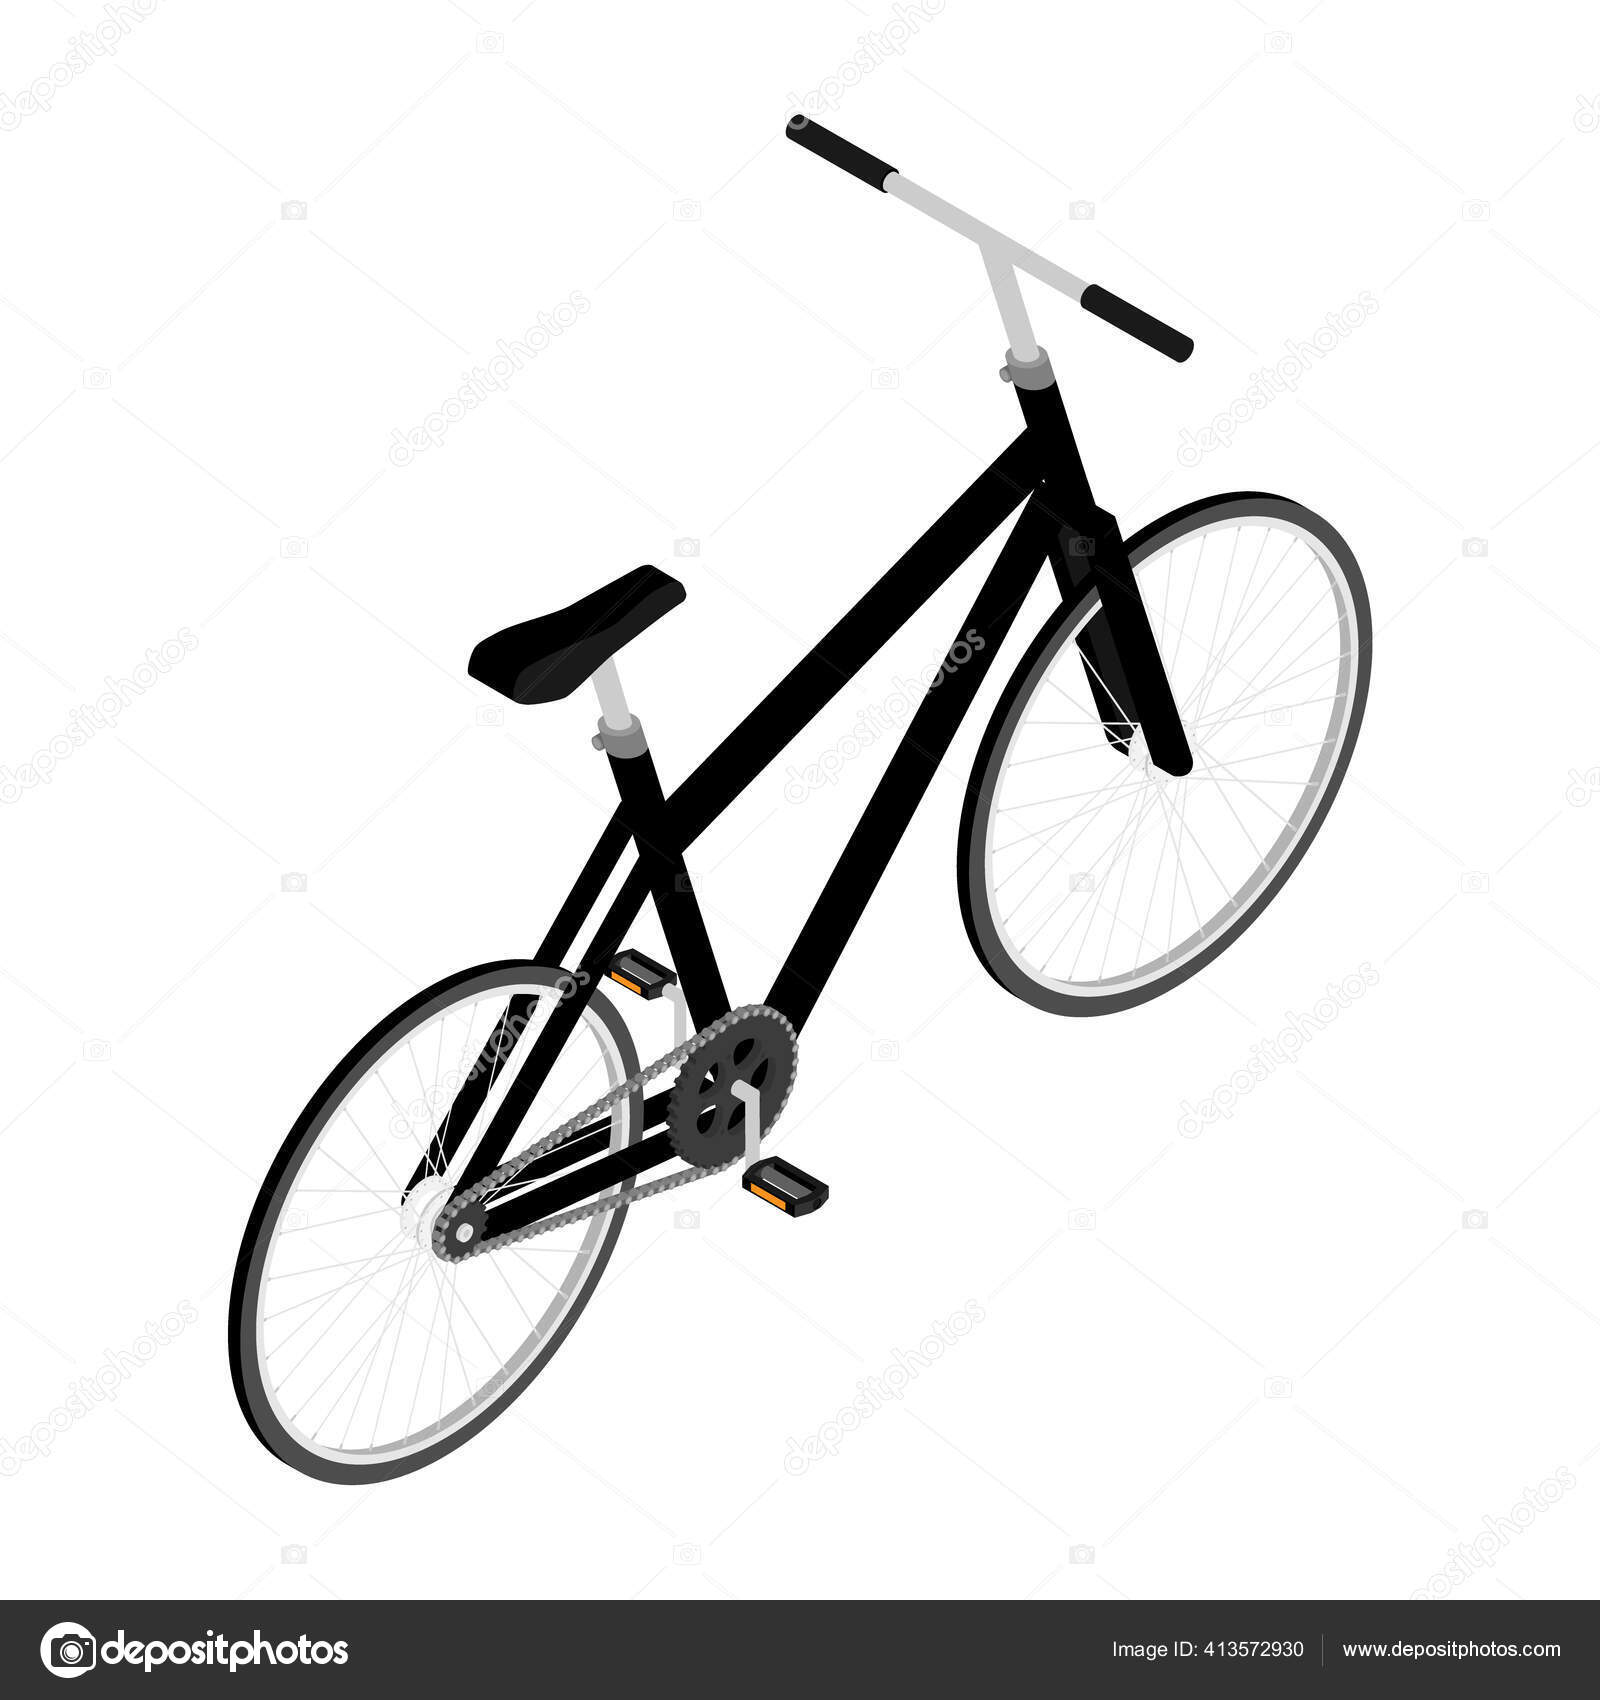 Bicicleta Montanha Preta Com Pneus Offroad Grossos Ciclismo Conceito Transporte Imagem Vetorial De C Viktorijareut 413572930